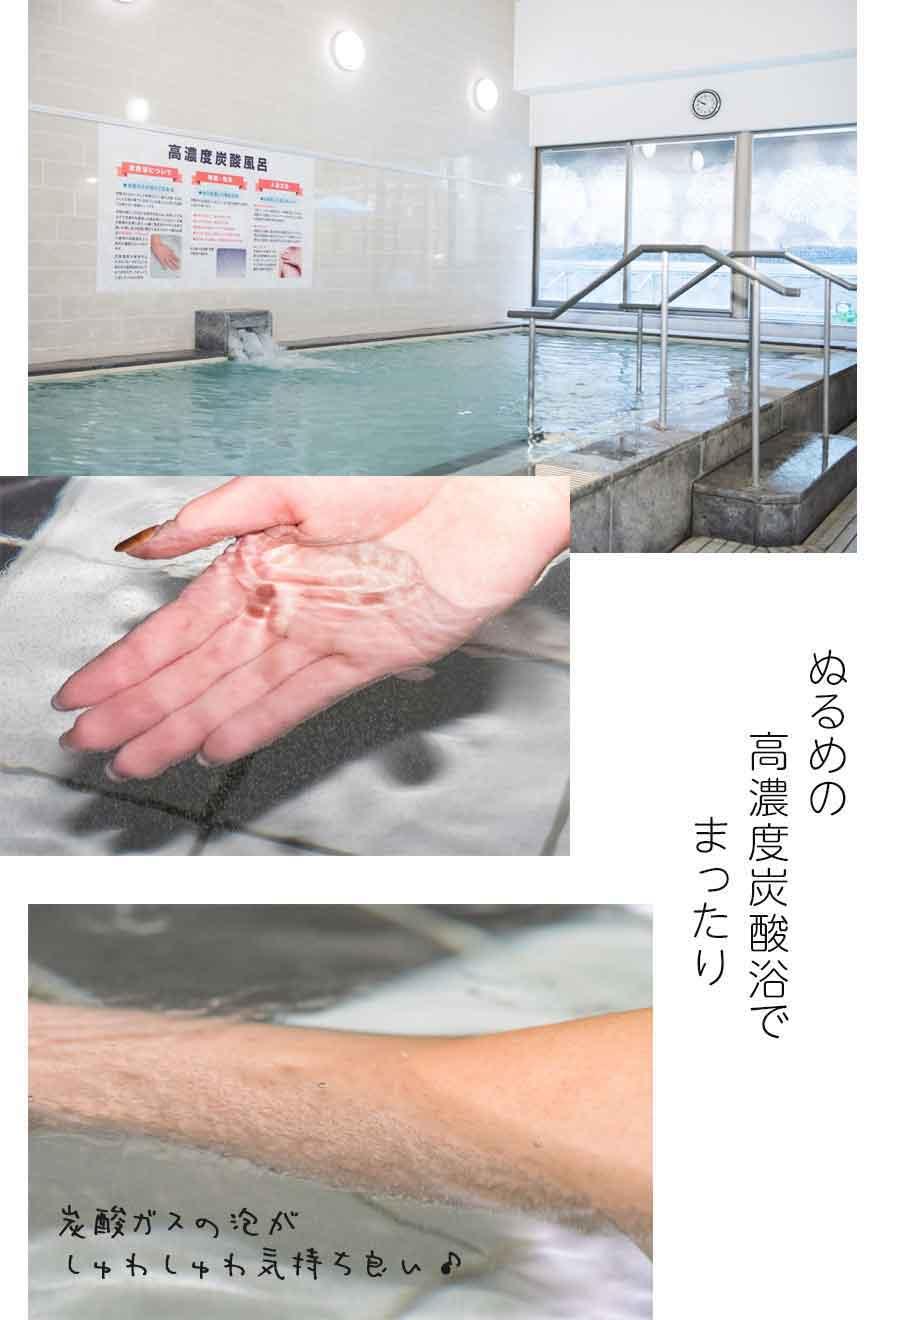 テルマー湯高濃度炭酸浴